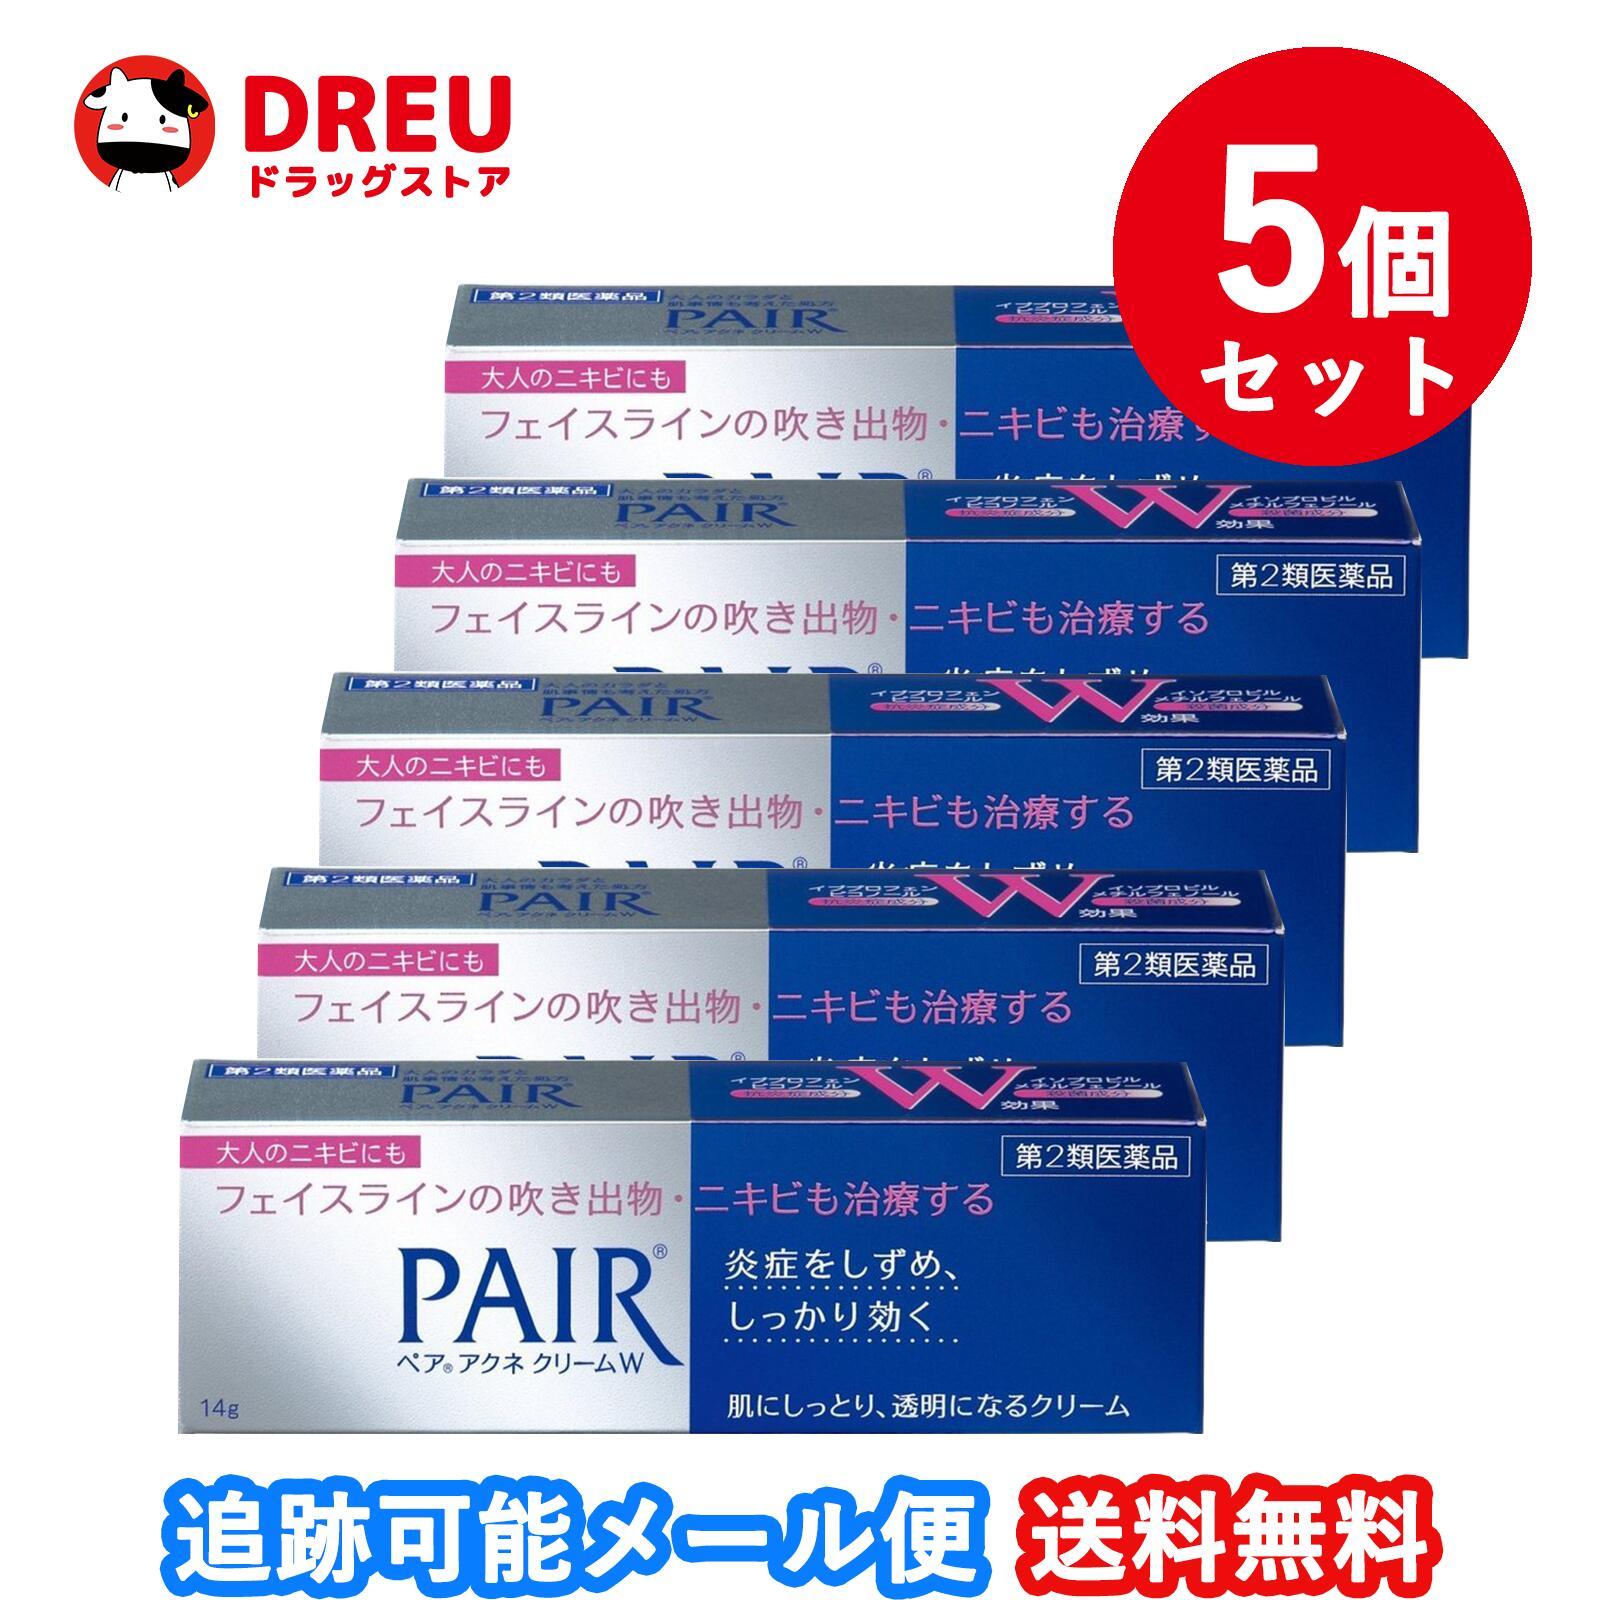 炎症や赤みもあるニキビに効く チープ スーパーSALE5倍ポイント 5個セット送料無料 14g 爆安 第2類医薬品 ペアアクネクリームW